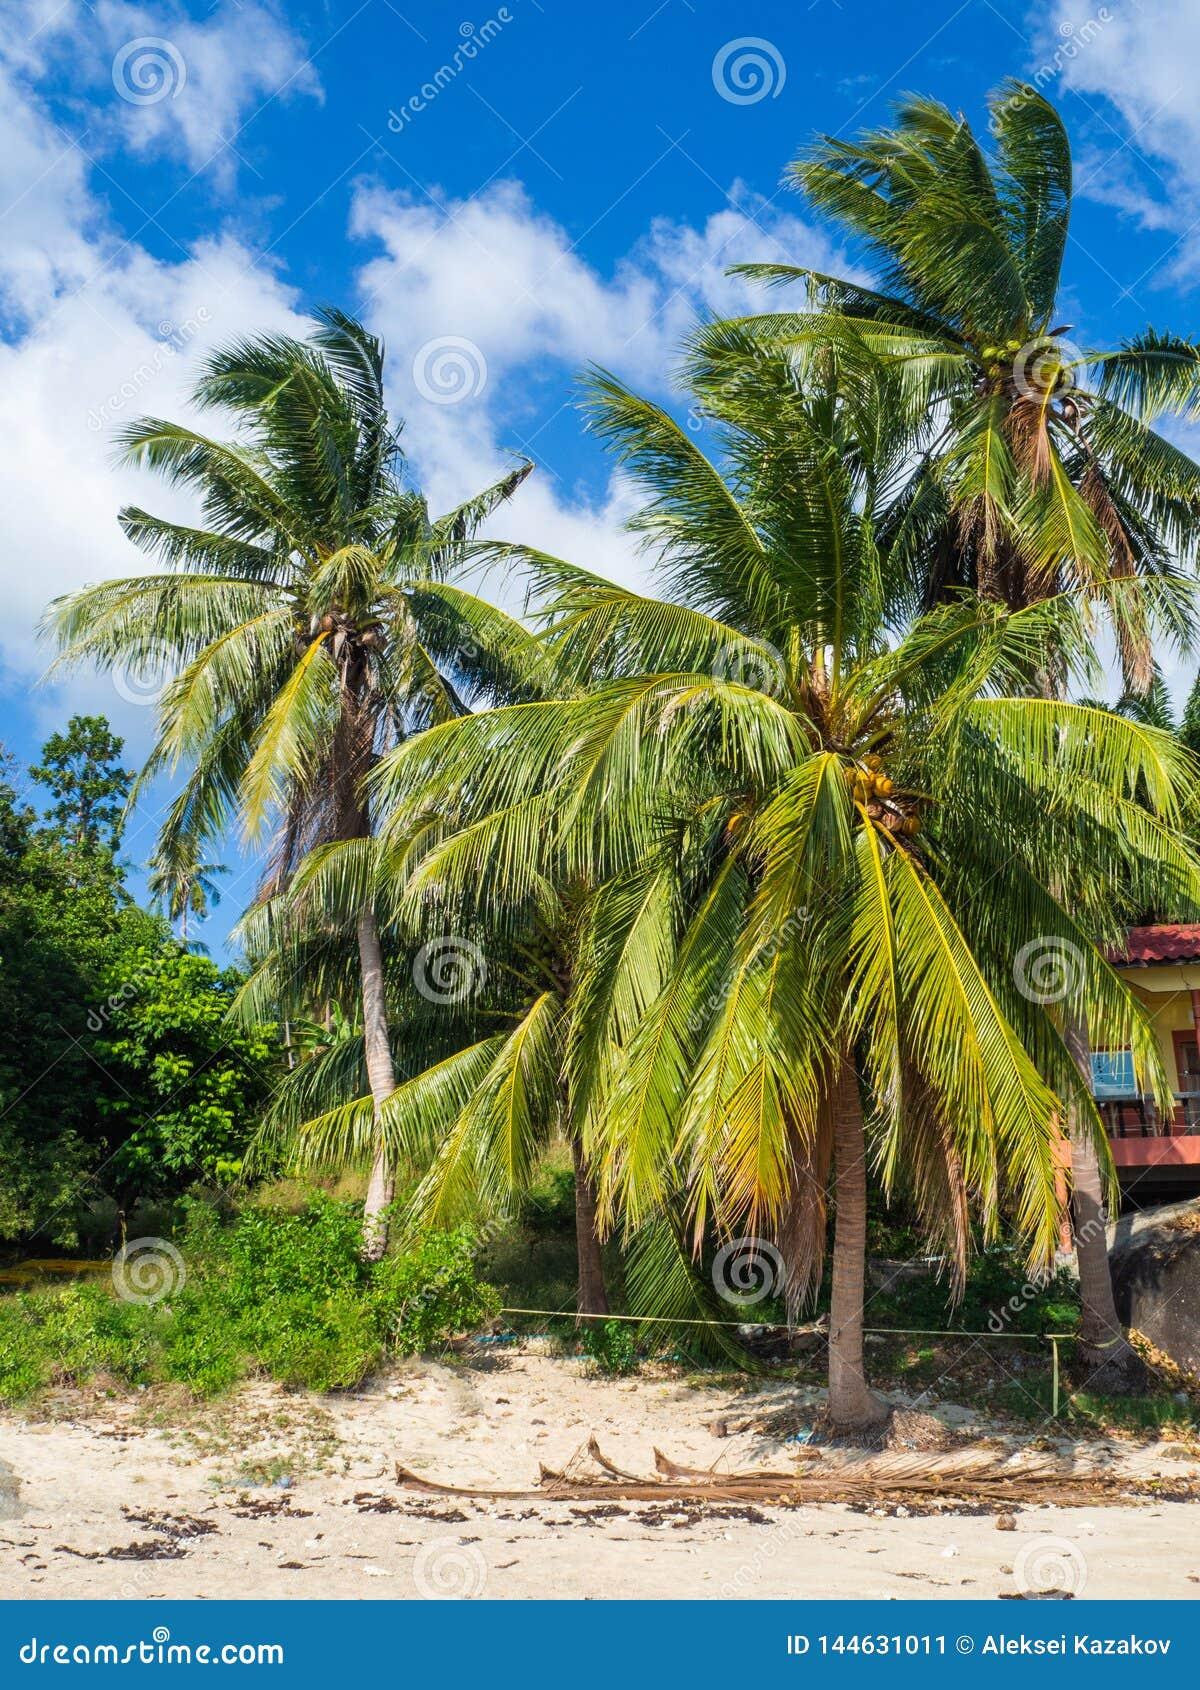 Kokosn?sse, die auf einer gr?nen Palme gegen einen blauen Himmel wachsen